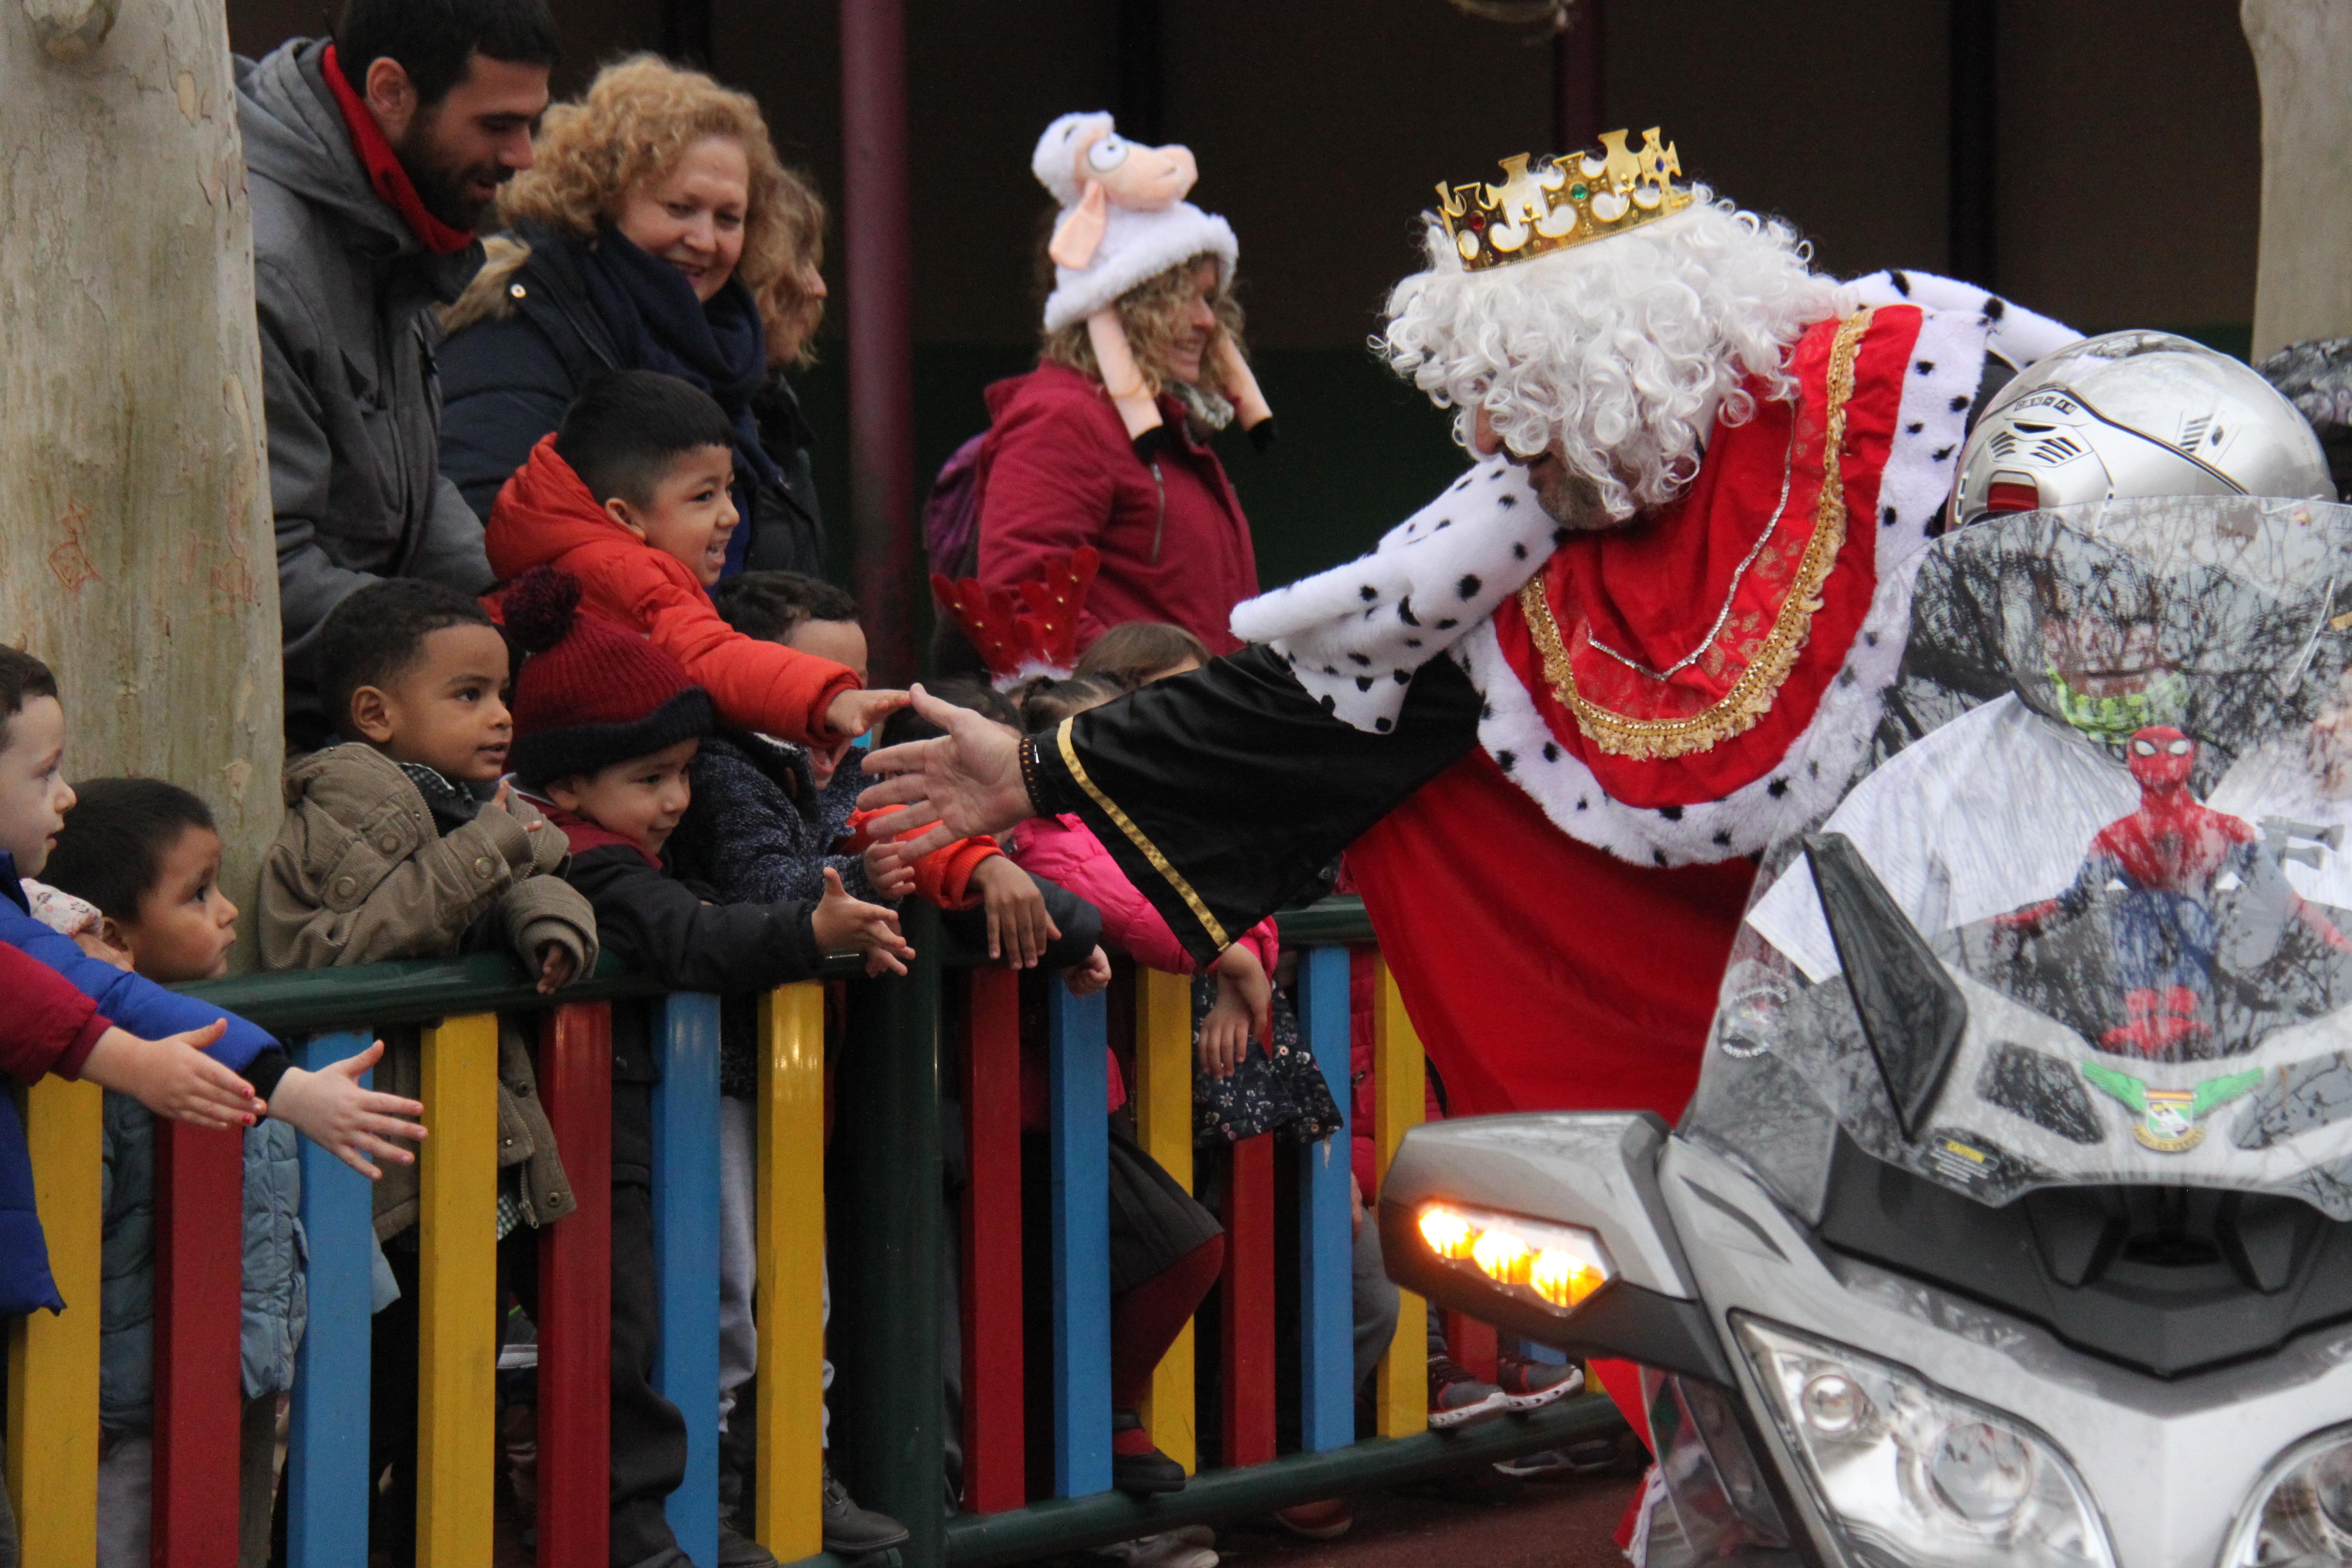 Visita de sus Majestades los Reyes Magos al colegio Luis Bello en moto 2018 13